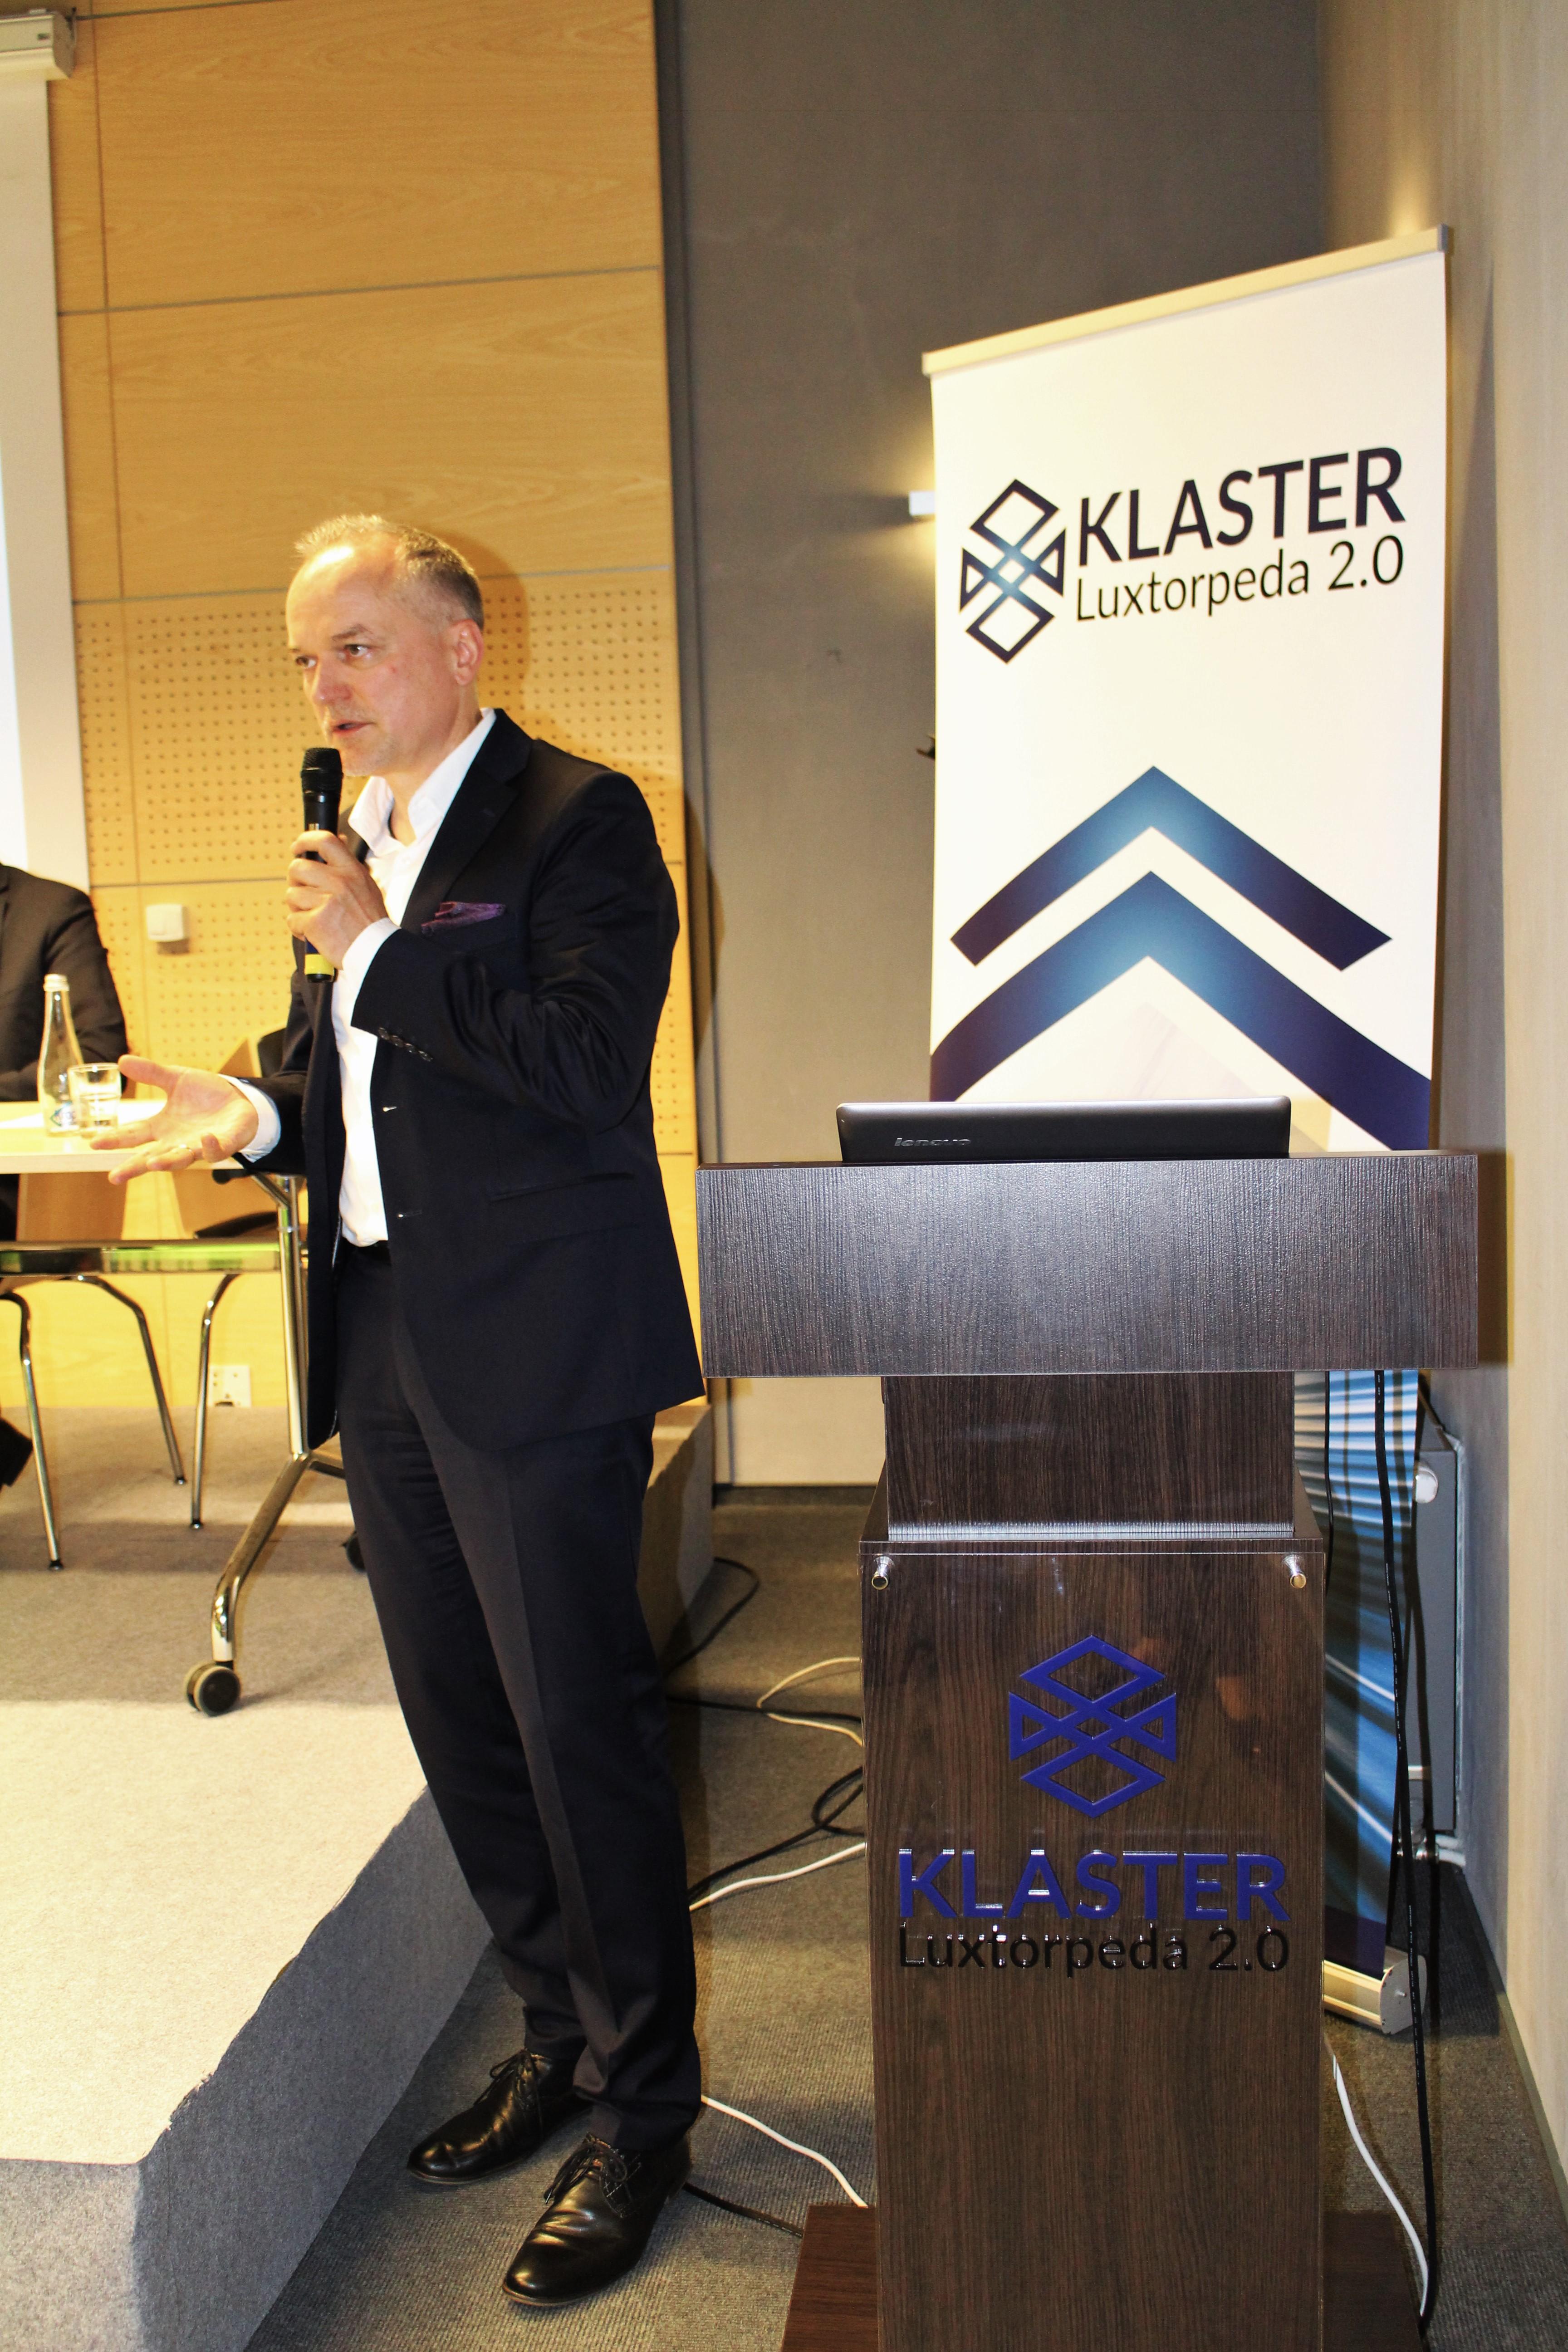 Czesław Warsewicz, Przewodniczący Rady Klastra Luxtorpeda 2.0 gospodarzem panelu dyskusyjnego na I Kongresie Patriotyzmu Ekonomicznego